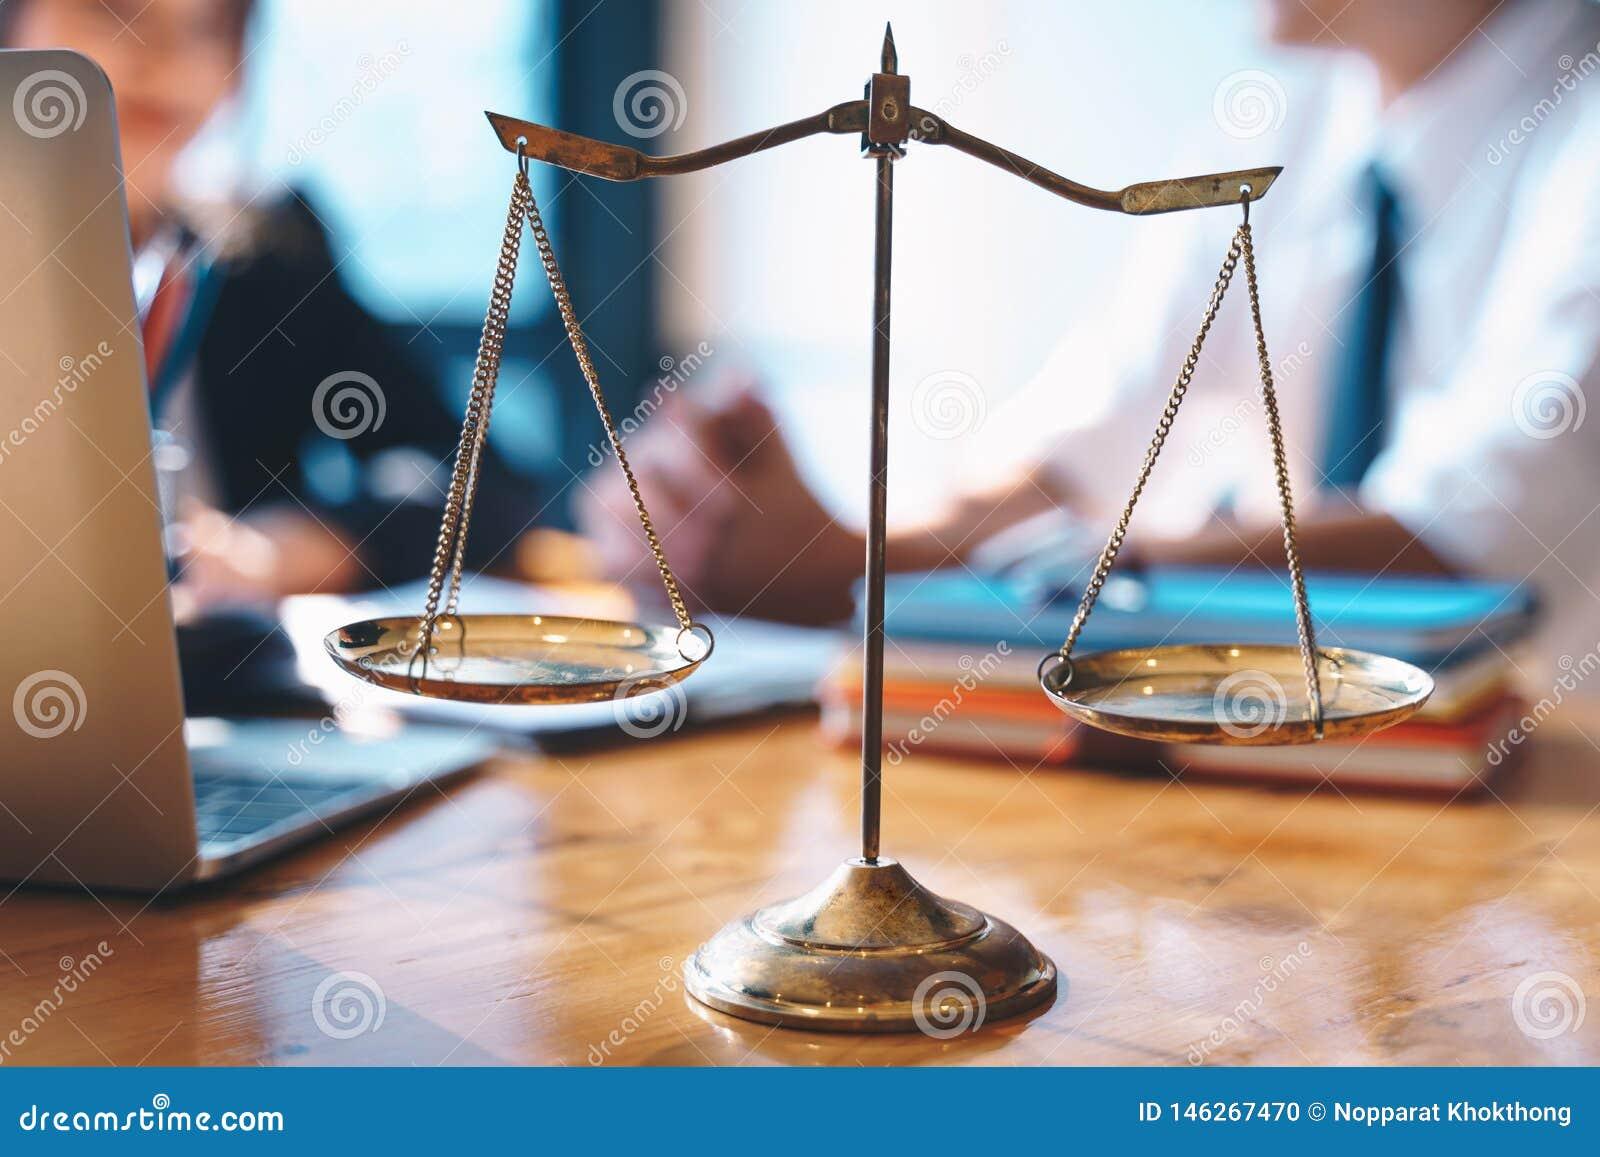 V?g av r?ttvisa p? tr?tabellbakgrund med aff?rskvinnan och manliga advokater som diskuterar avtalslegitimationshandlingar p? advo